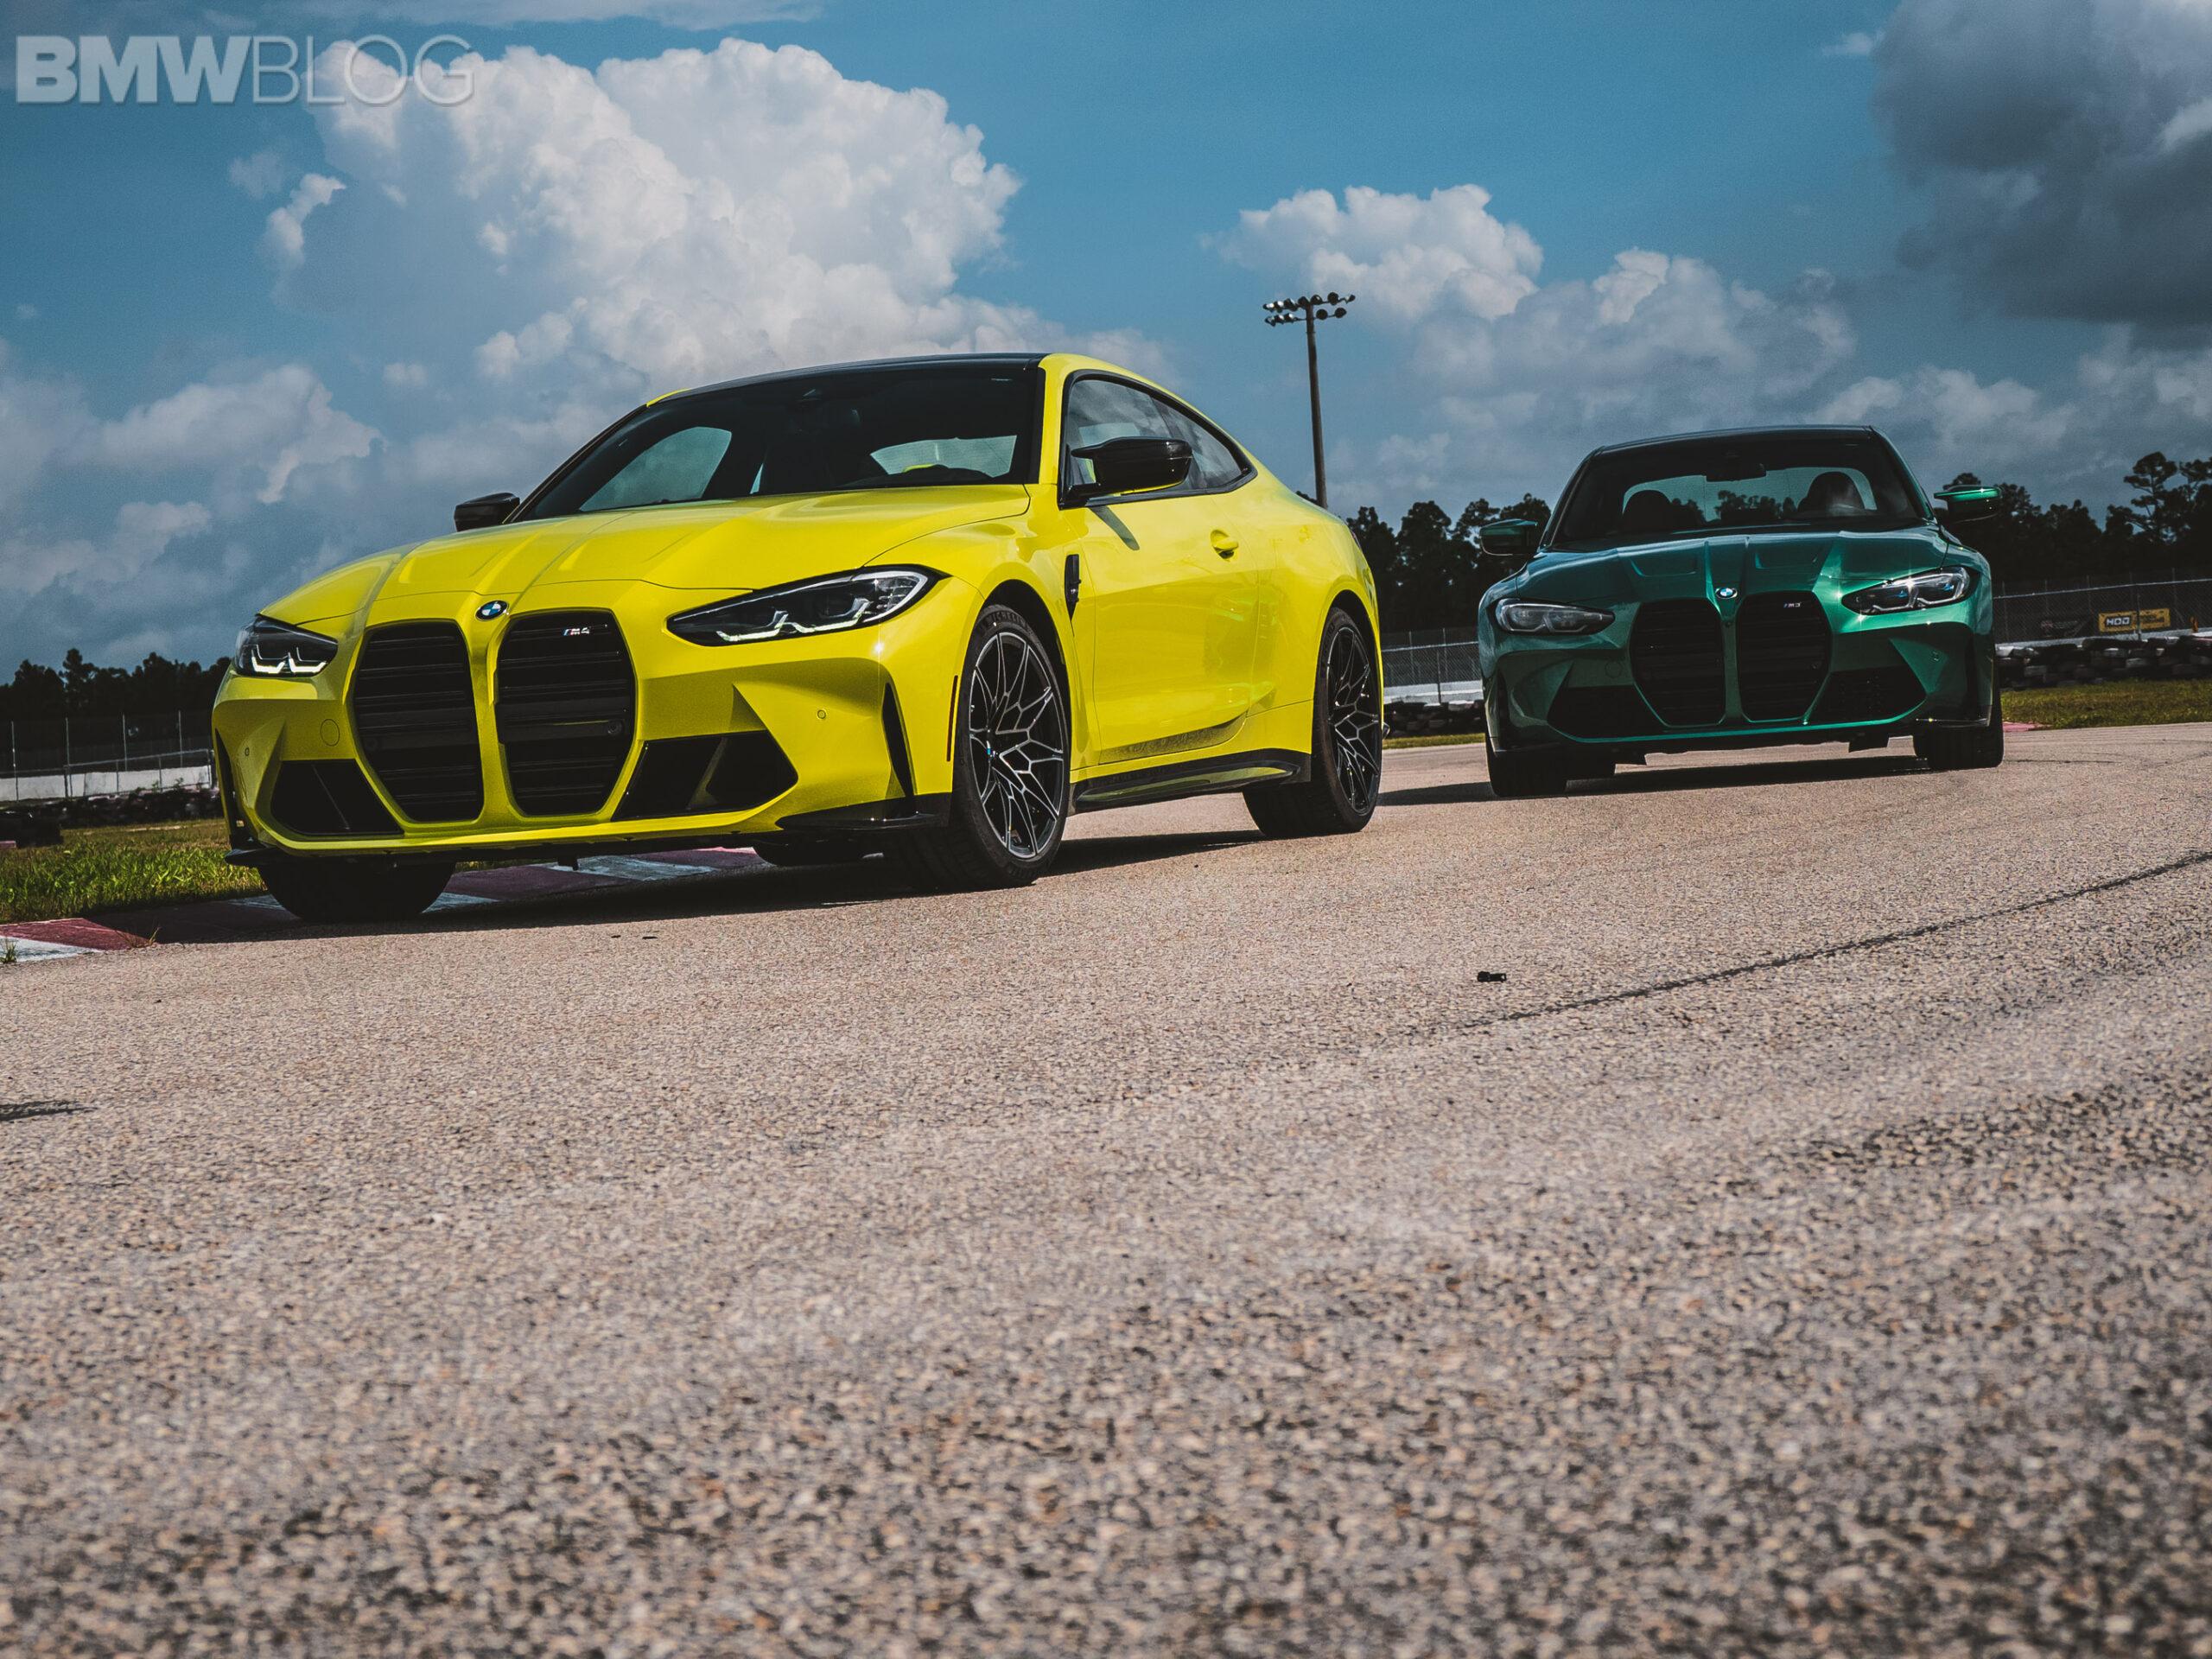 ВИДЕО: Объяснение BMW M3 и M4 M Laptimer